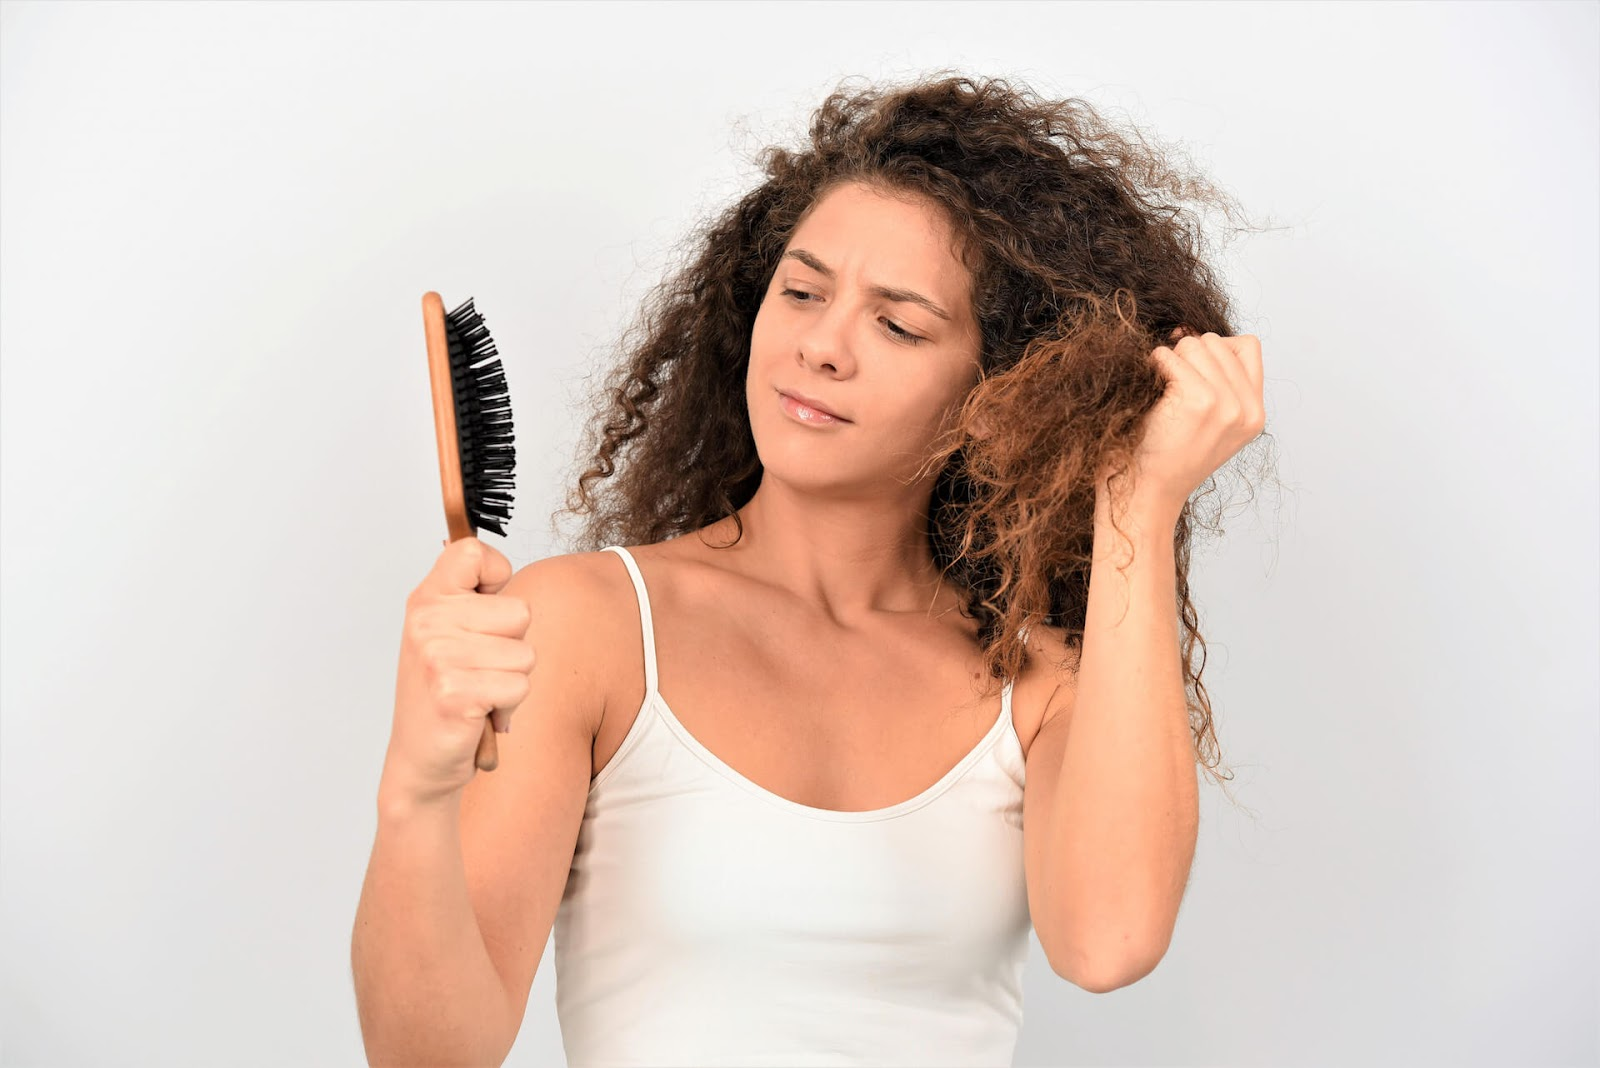 Woman looking at hair brush